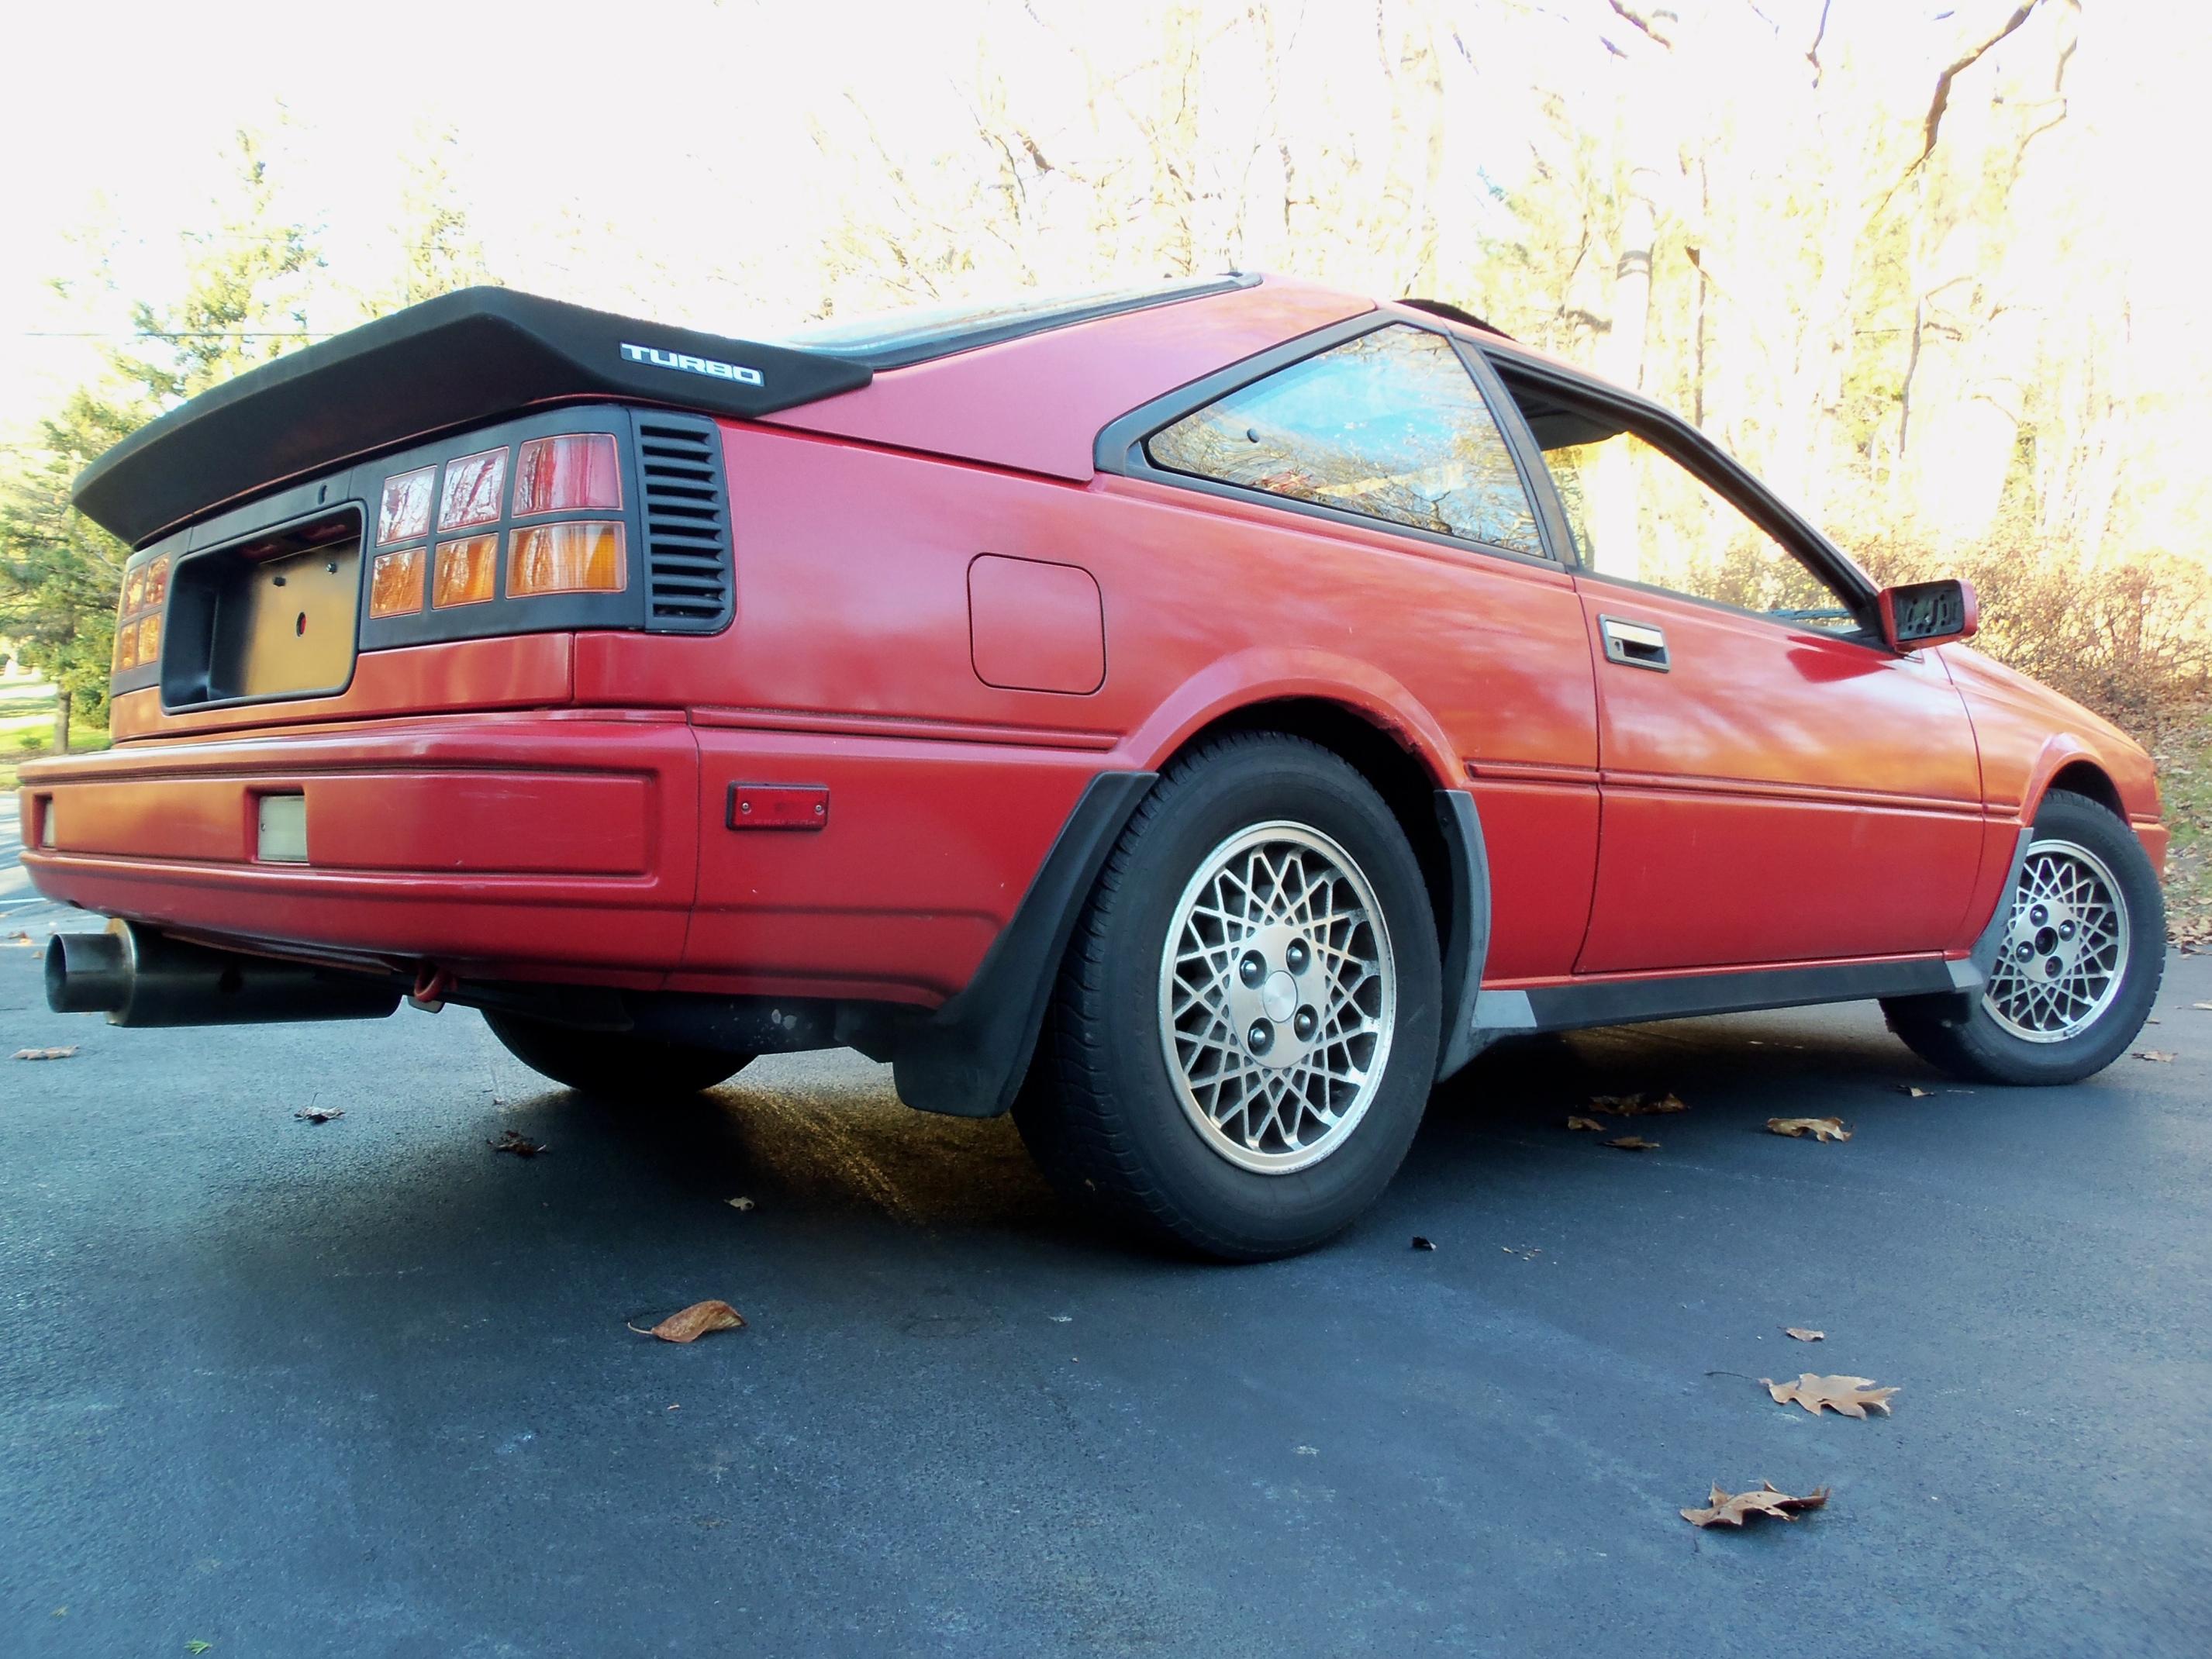 Club S12 Cory Matthews S 1985 Nissan 200sx